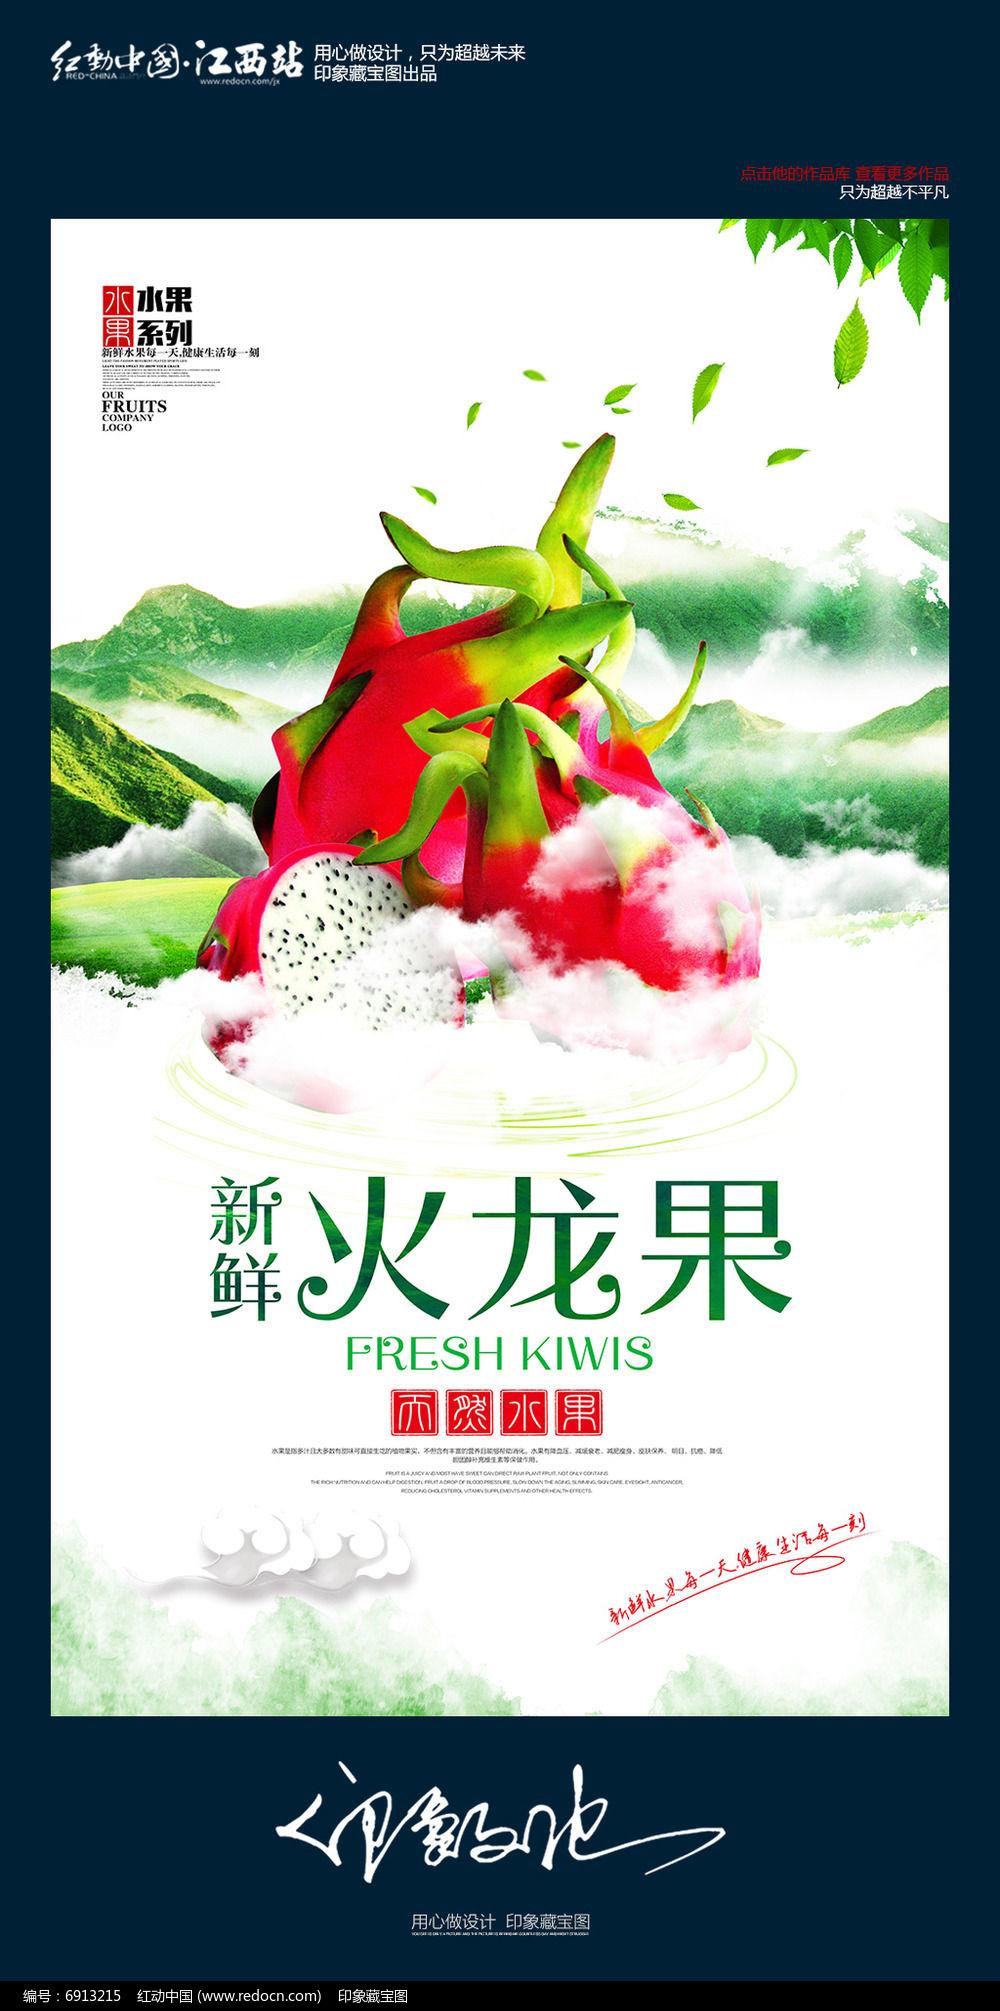 新鲜火龙果水果促销海报设计图片